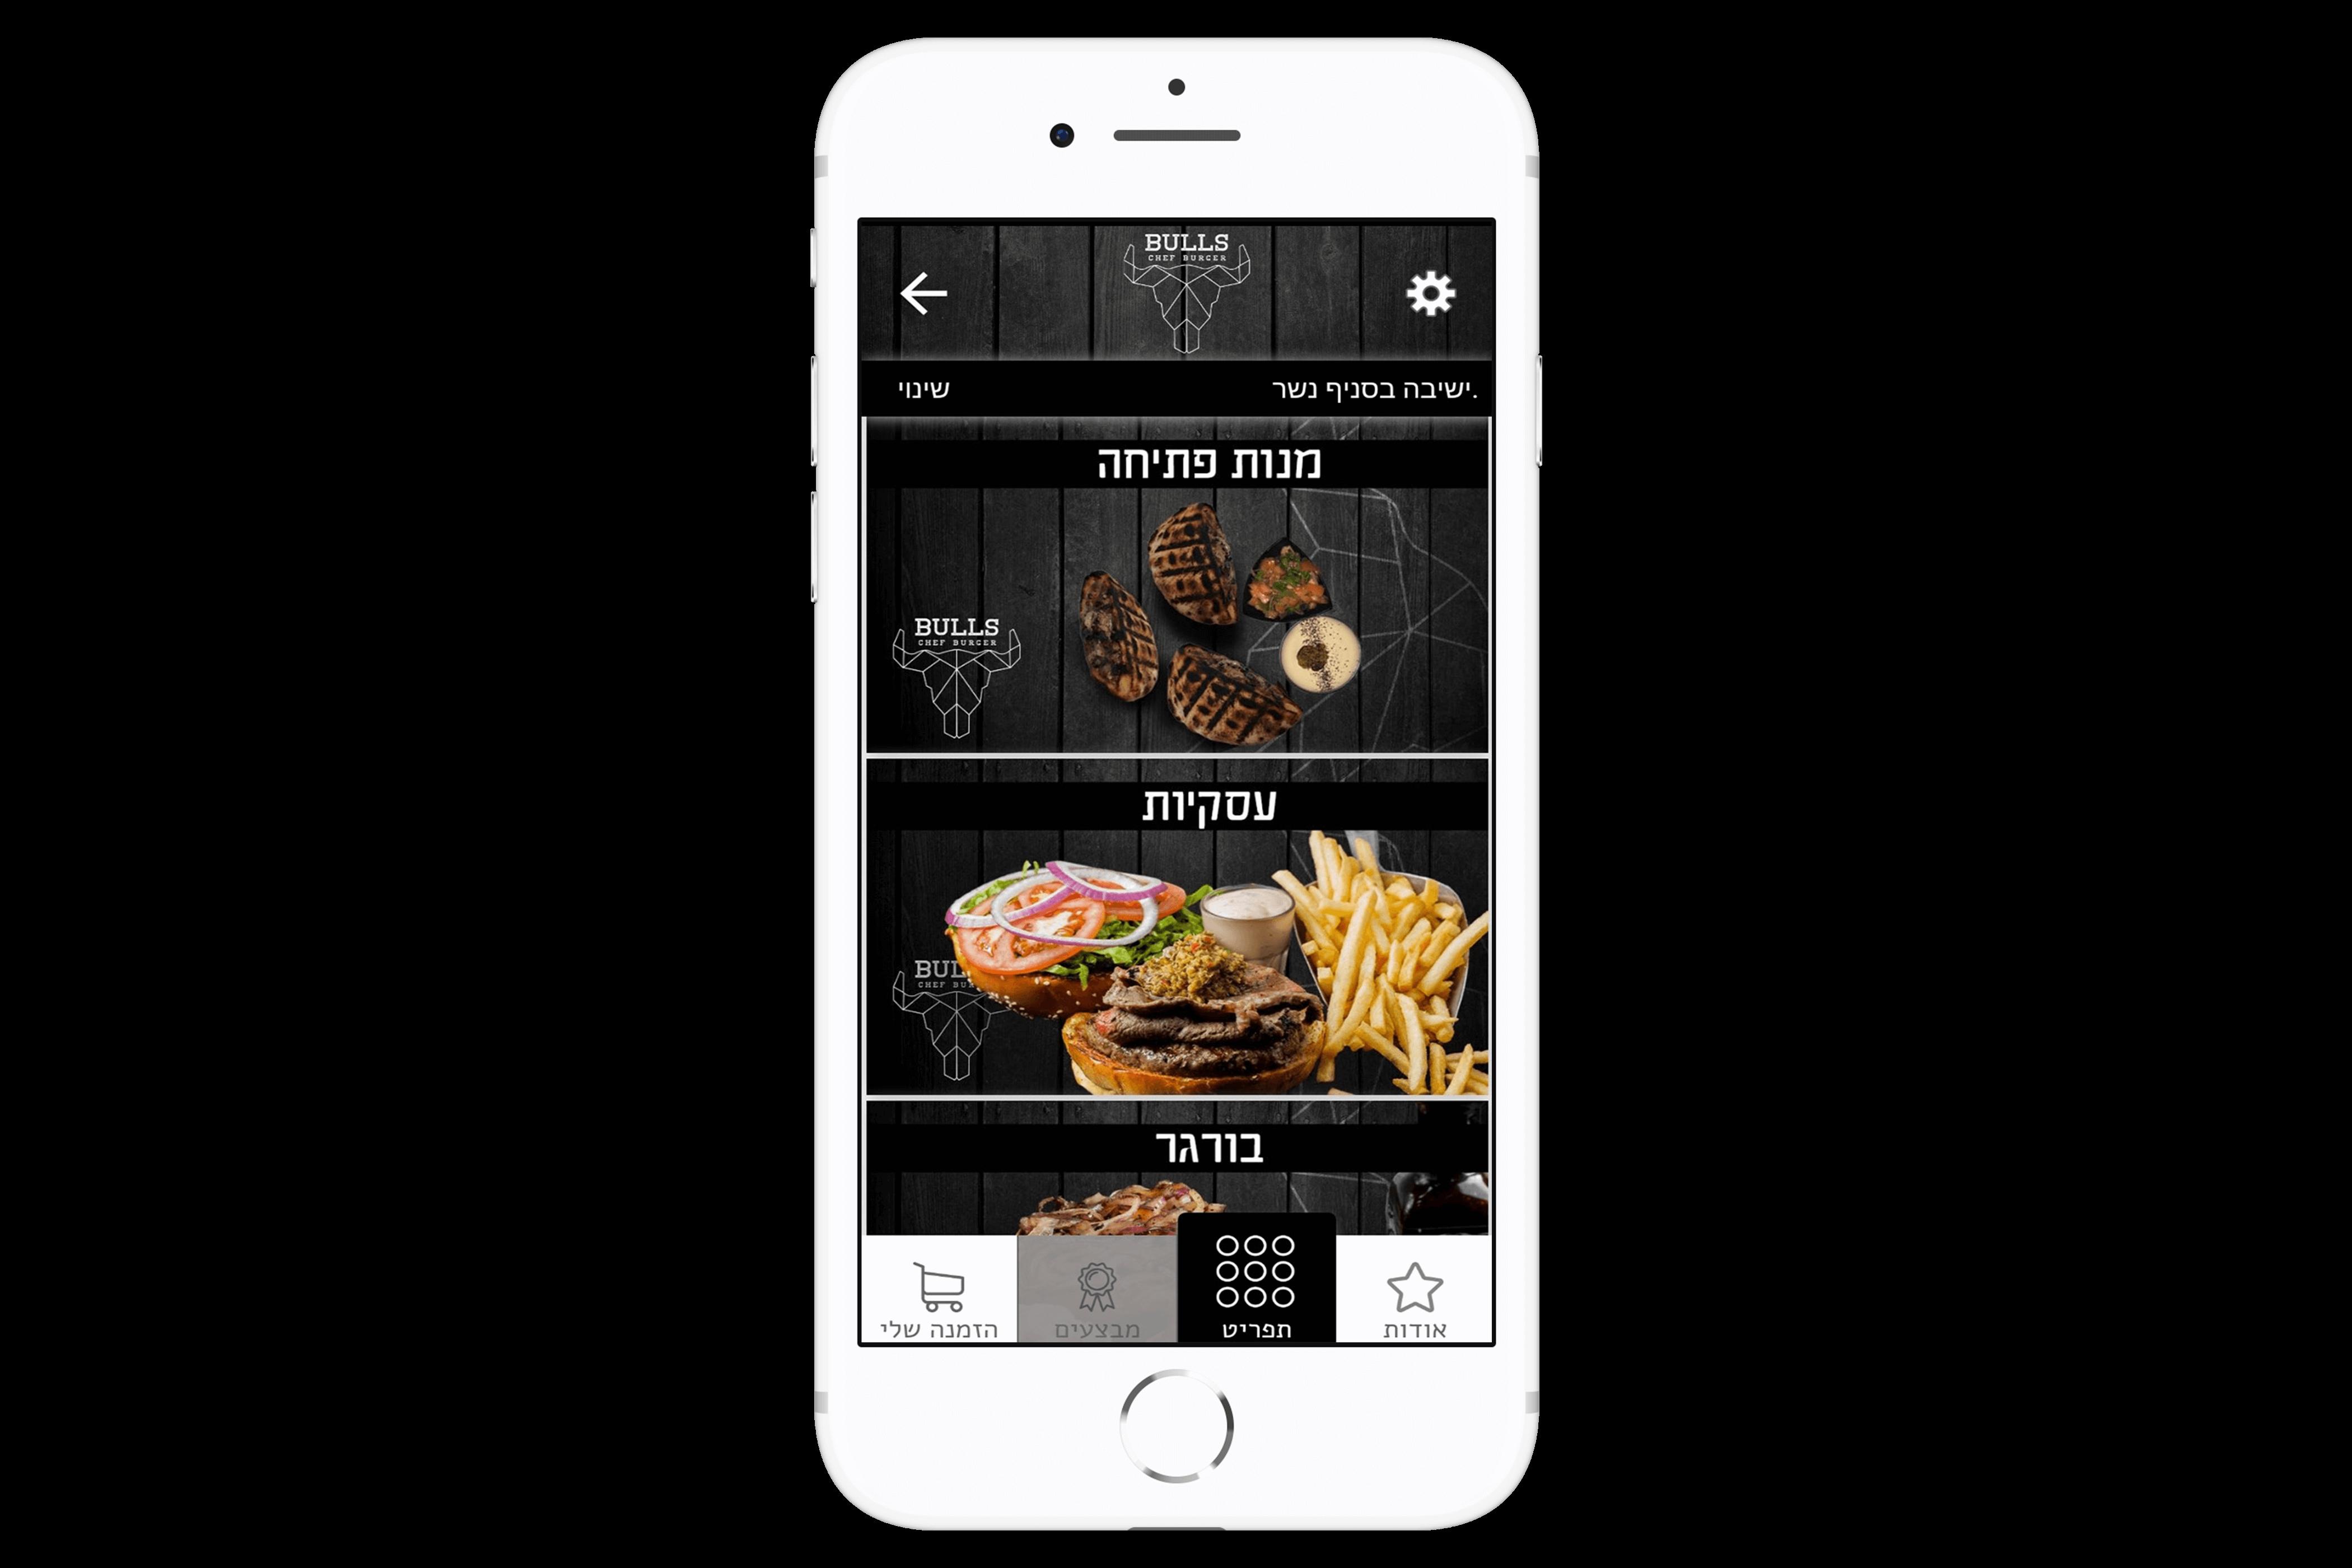 אפליקציית הזמנות של מסעדת בולס מבין הלקוחות שלנו